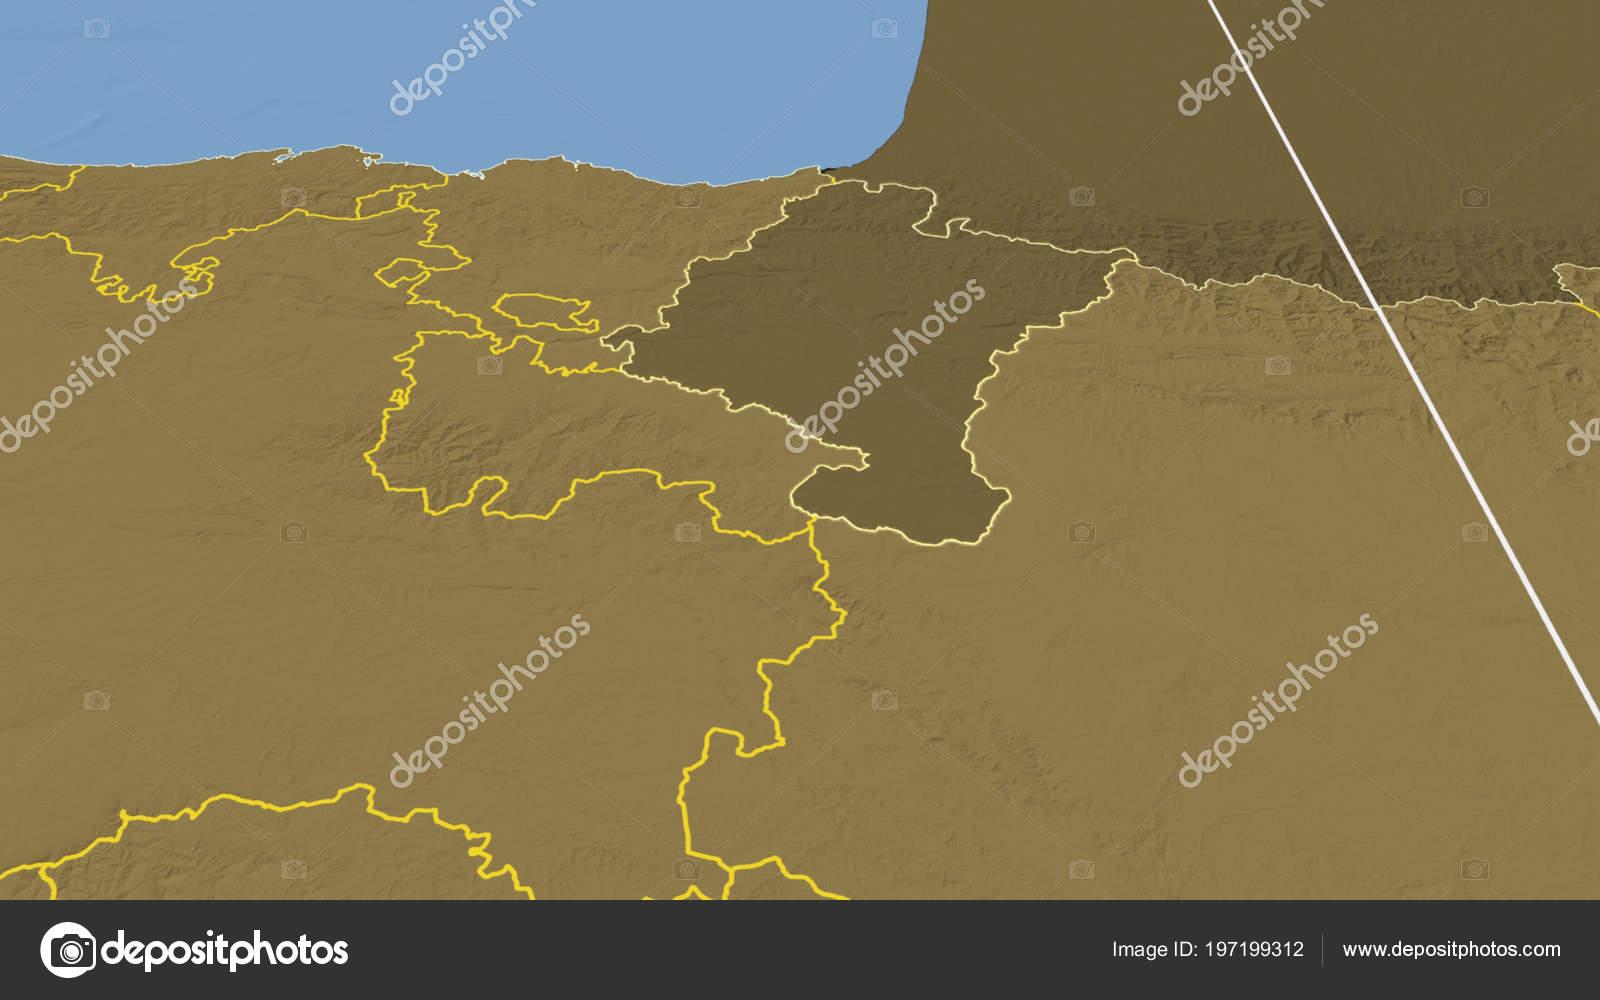 Comunidad Foral Navarra Region Spain Outlined Bilevel Elevation Map